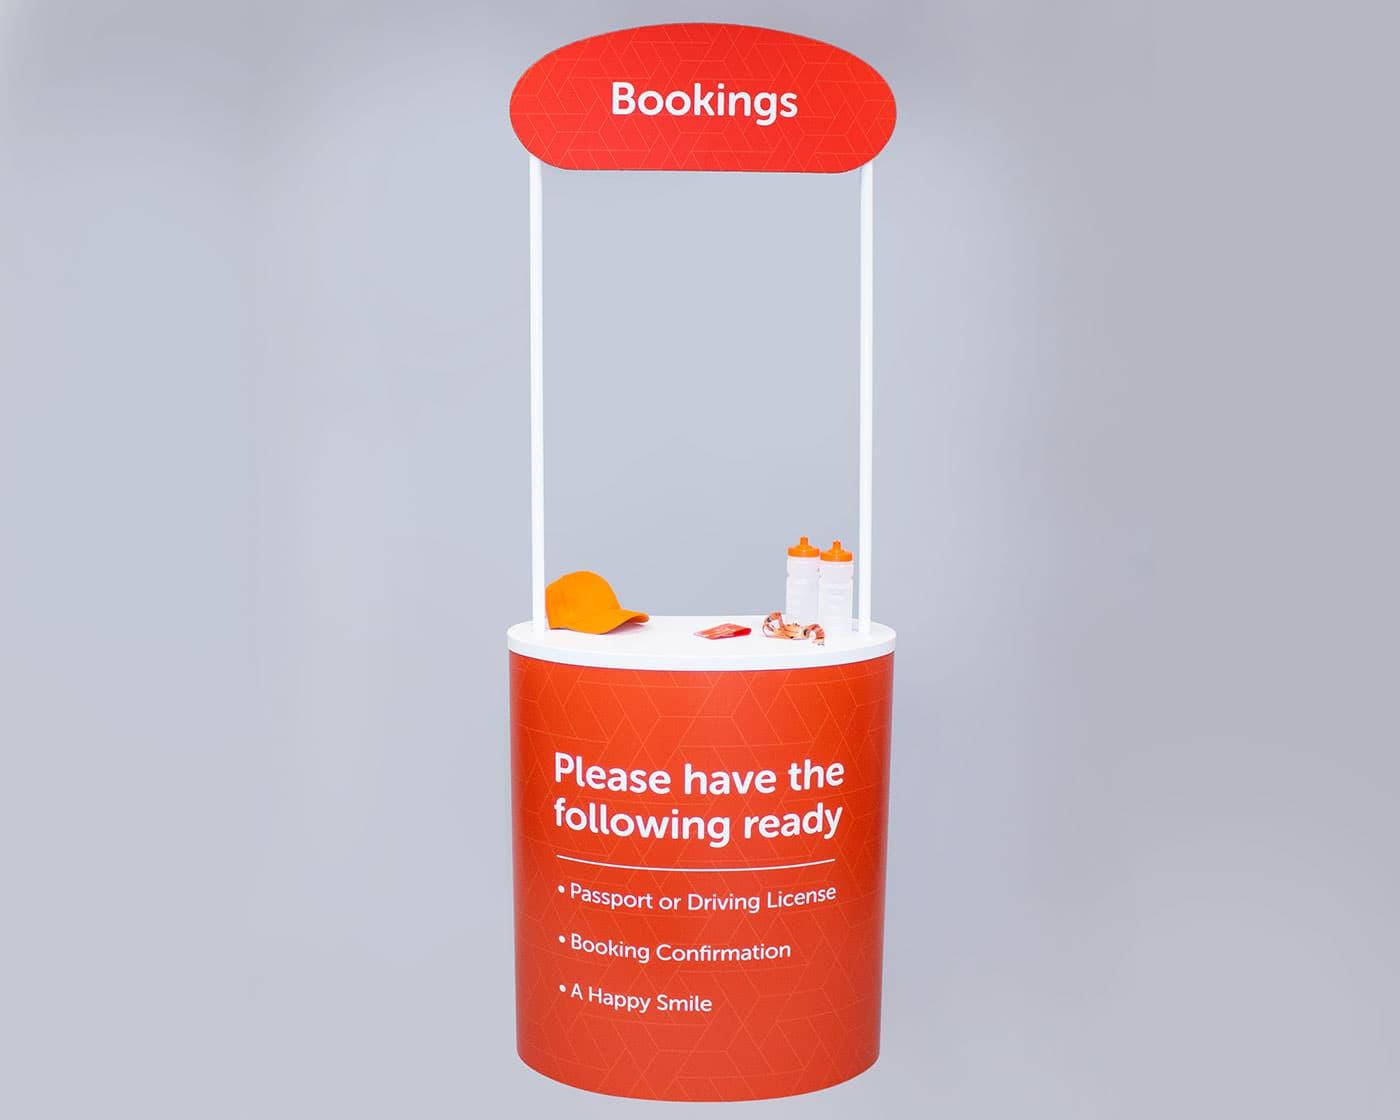 Bookings-3